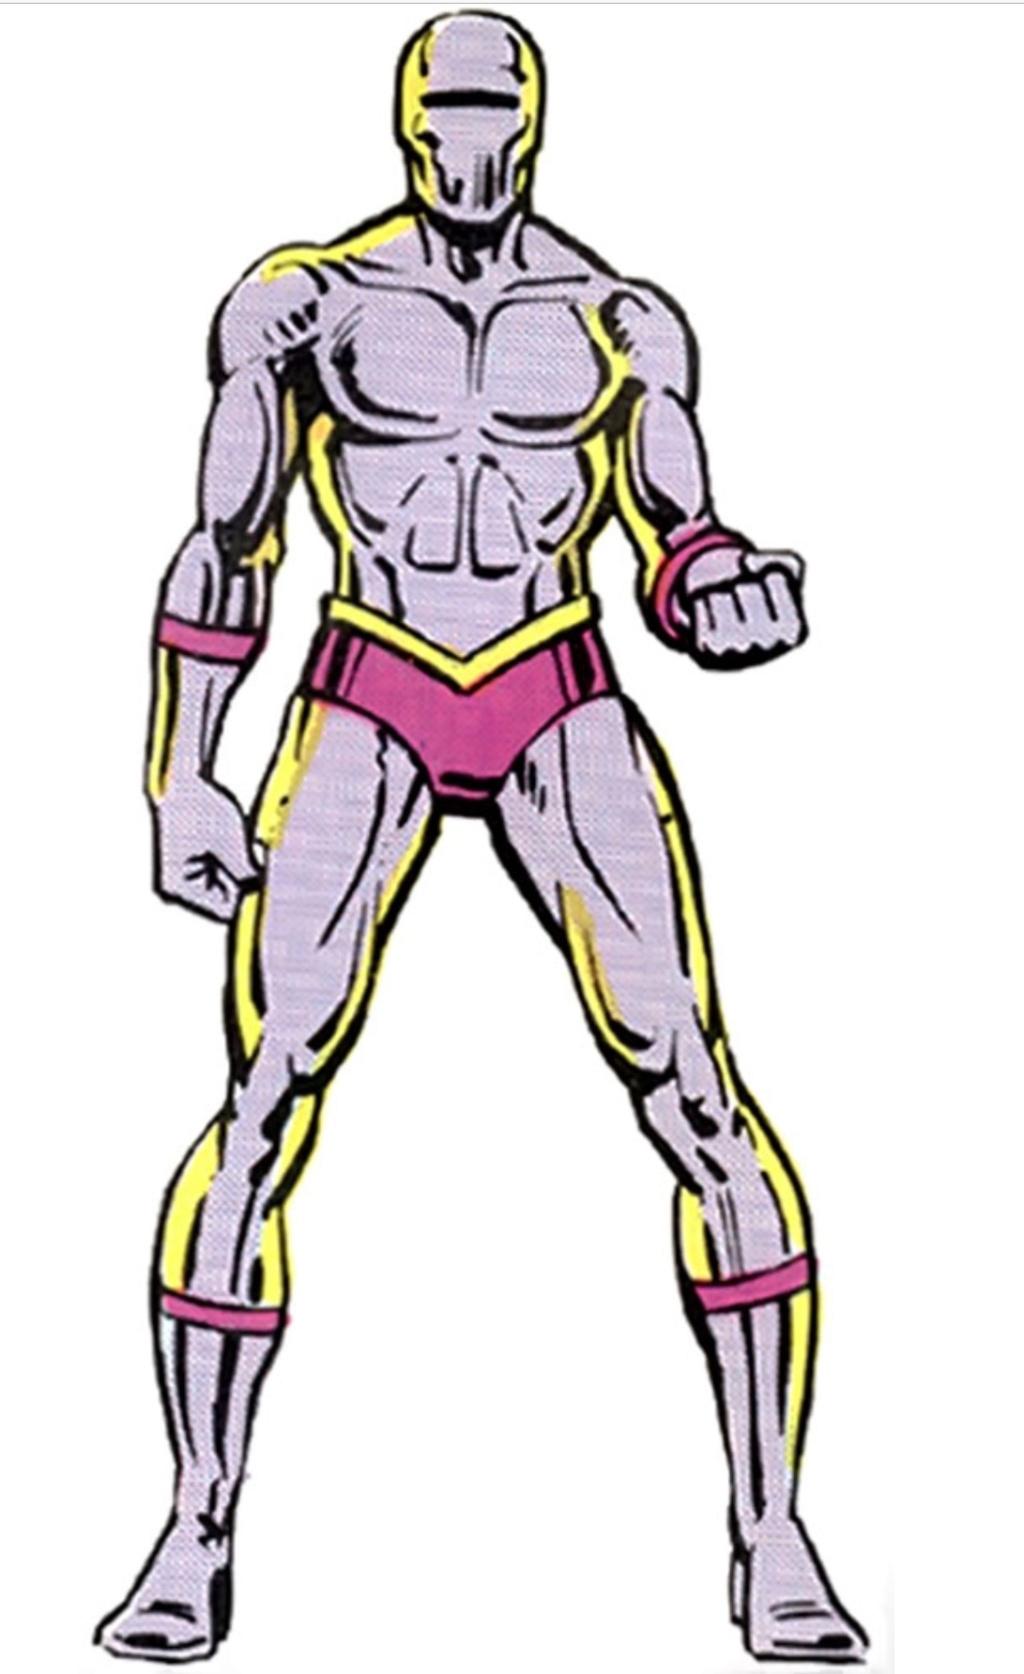 La liste idéale des bustes Marvel de 'Redwing' - Page 2 006a9d10